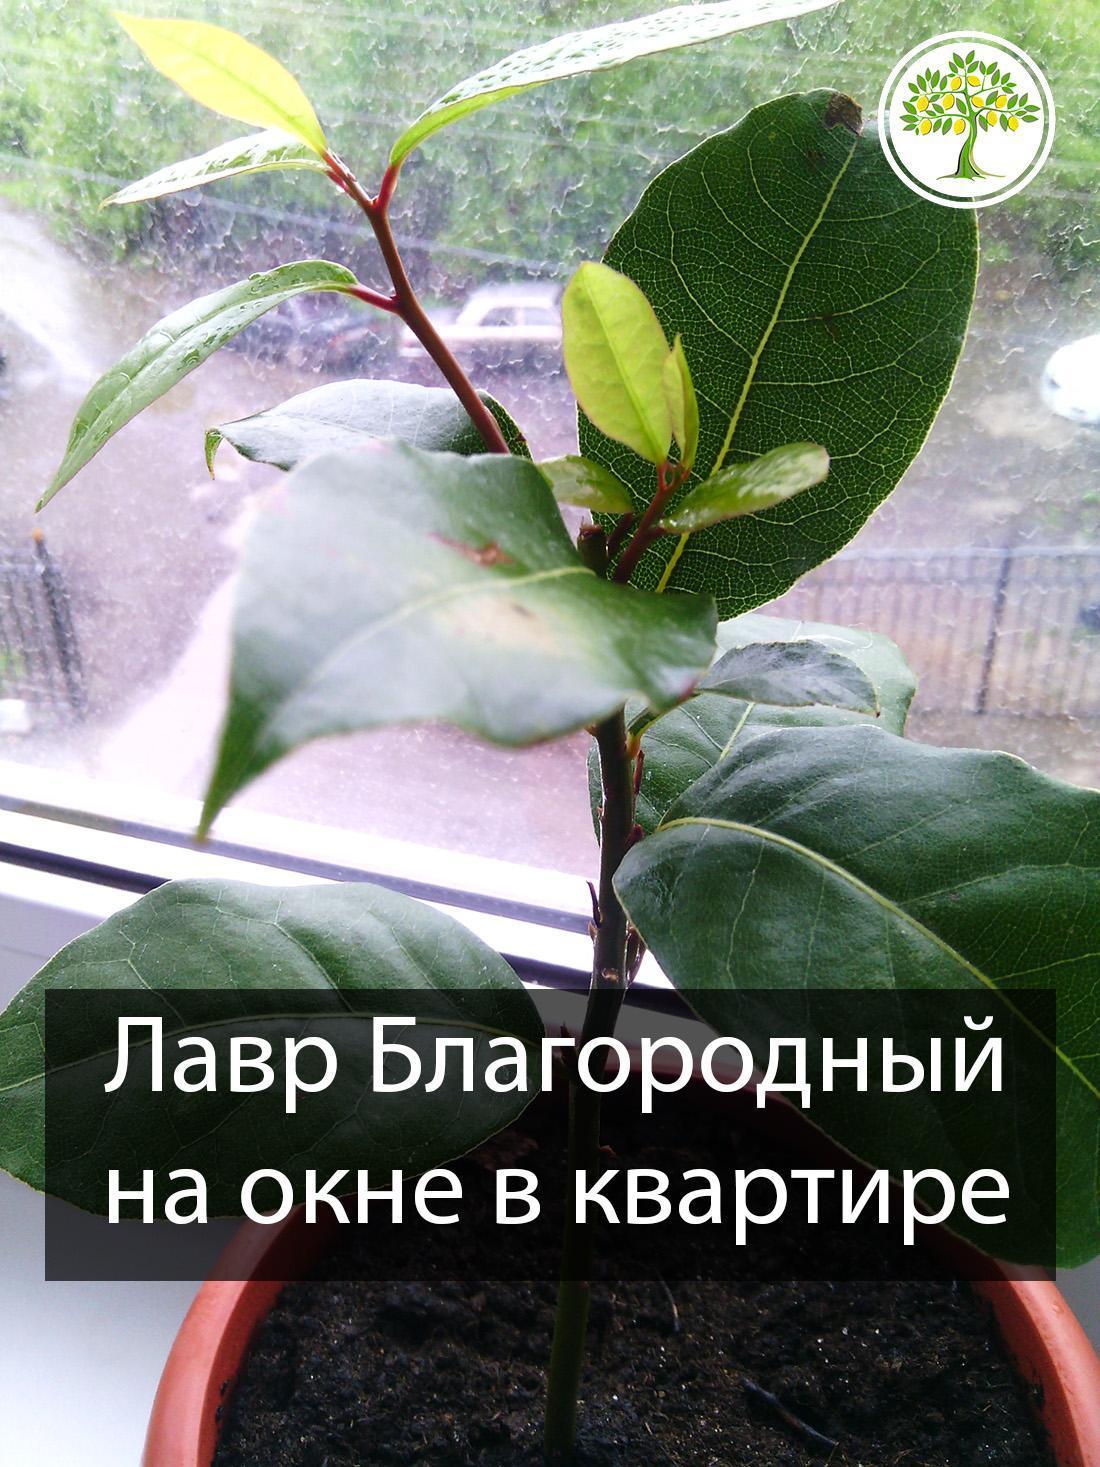 Лавр благородный растение дома на окне фото